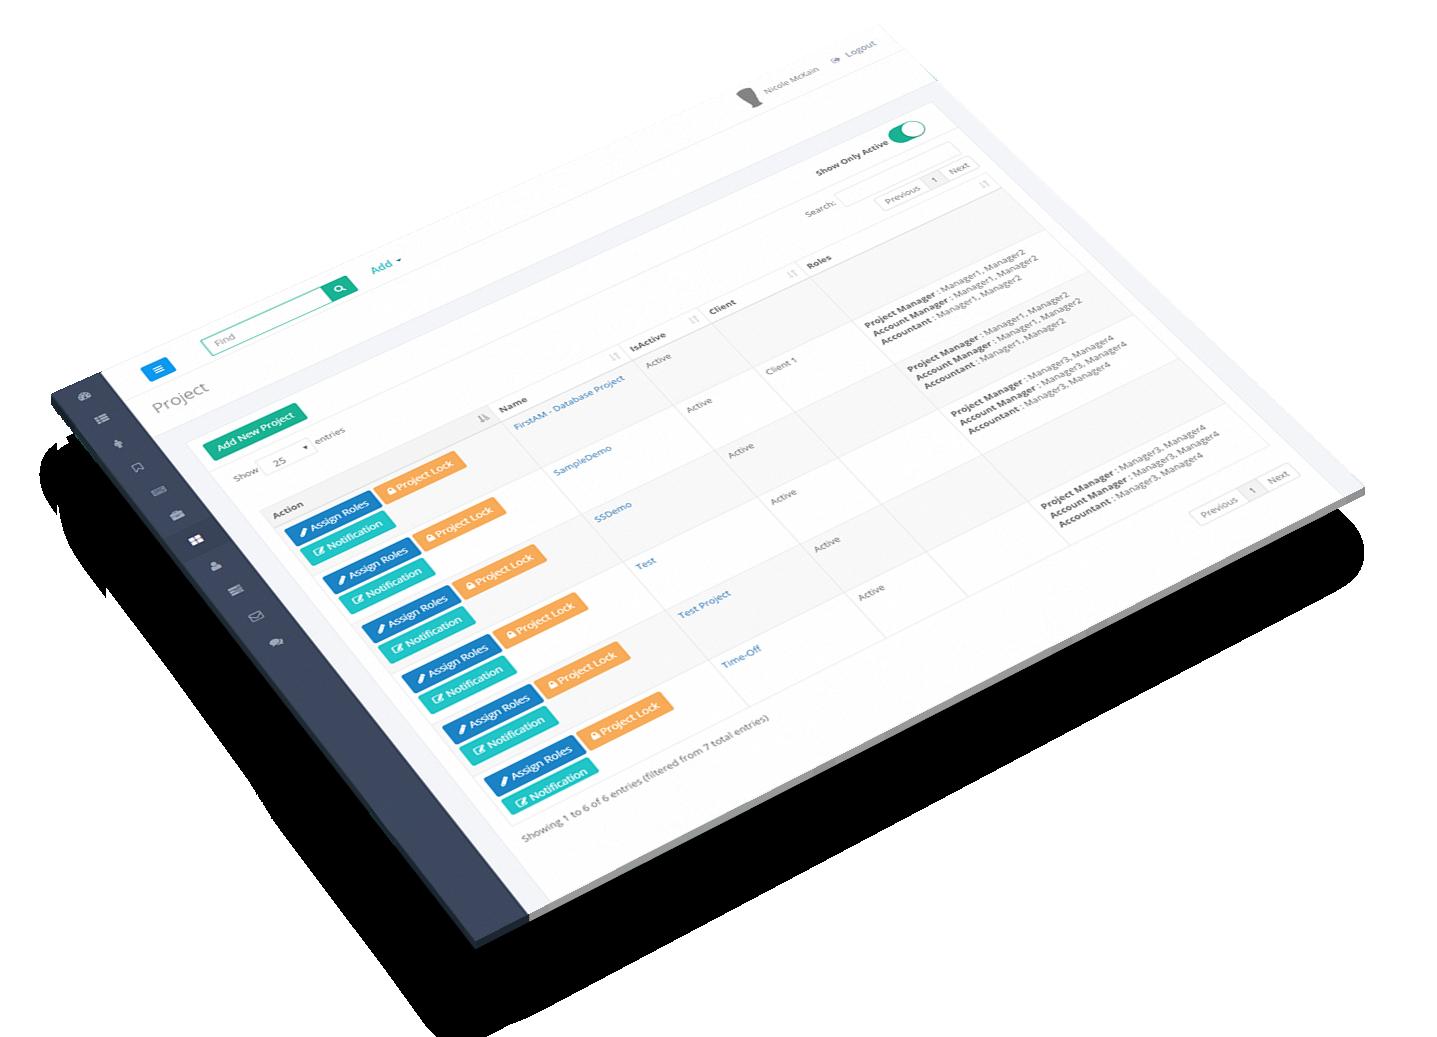 SandStar - Single Window Management System for Staffing